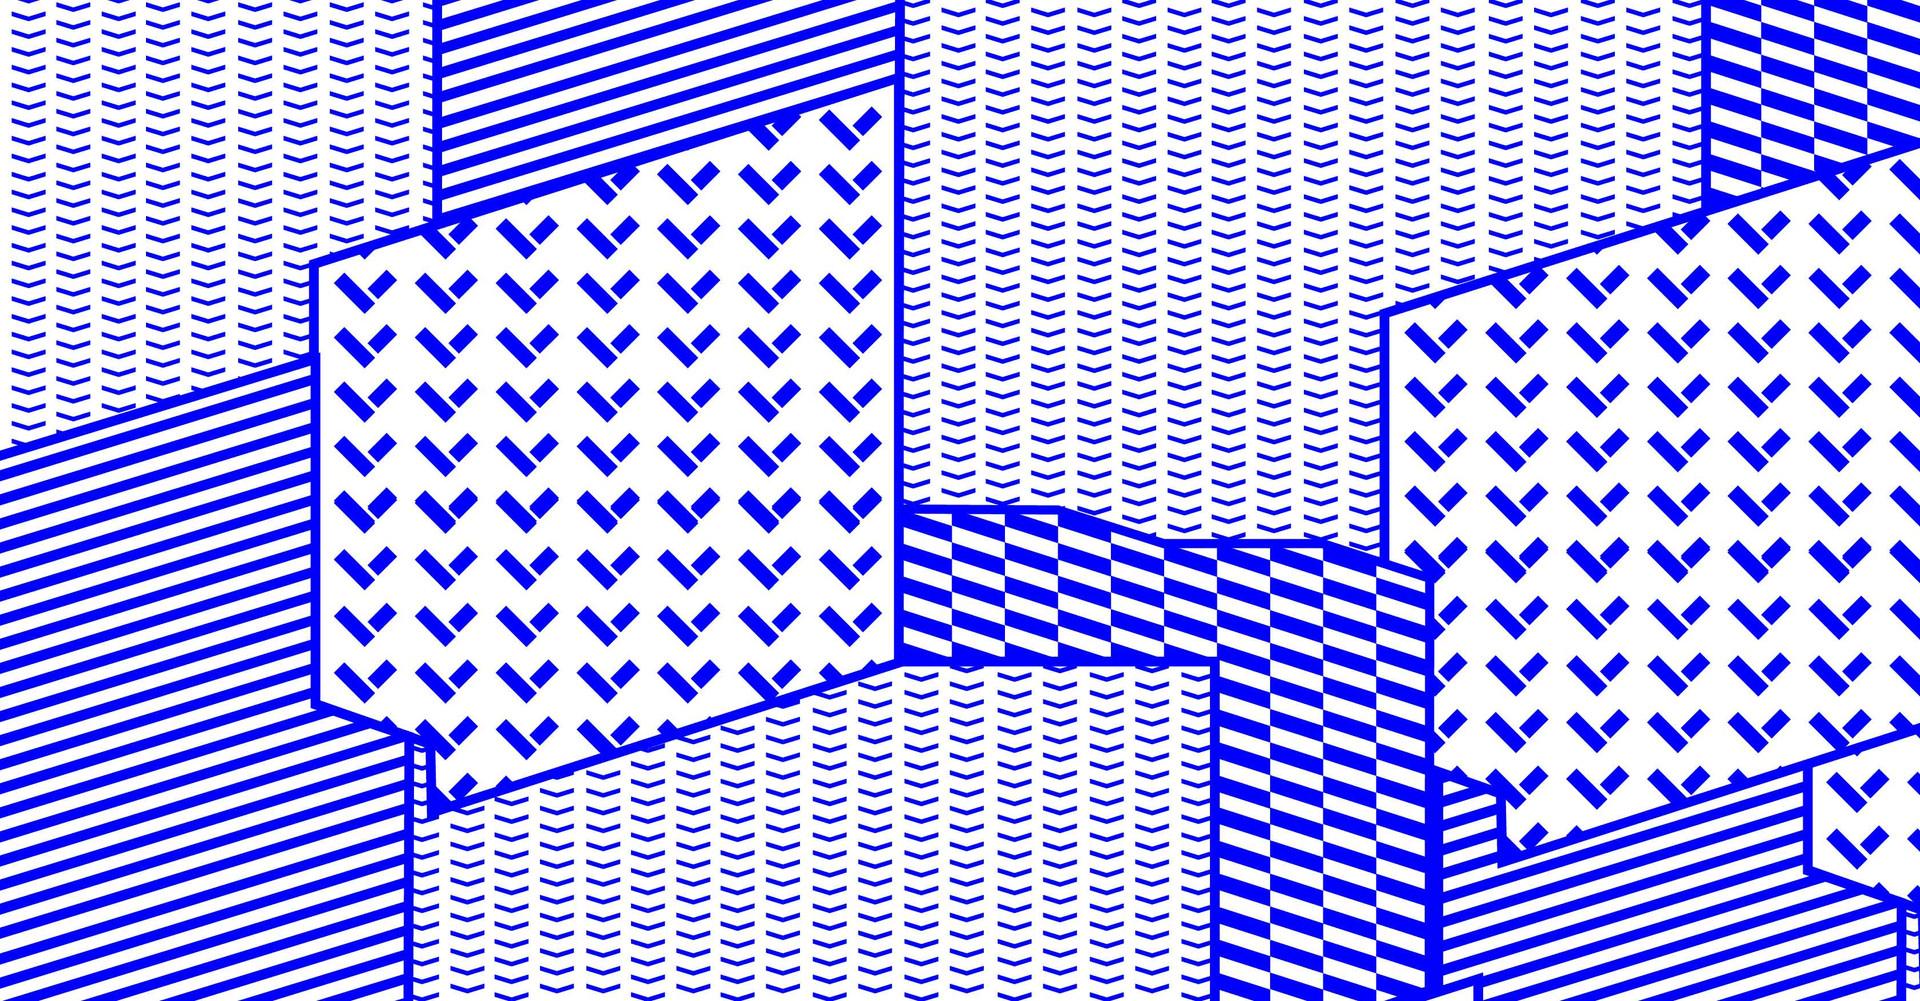 Artboard-1pattern-2.jpg